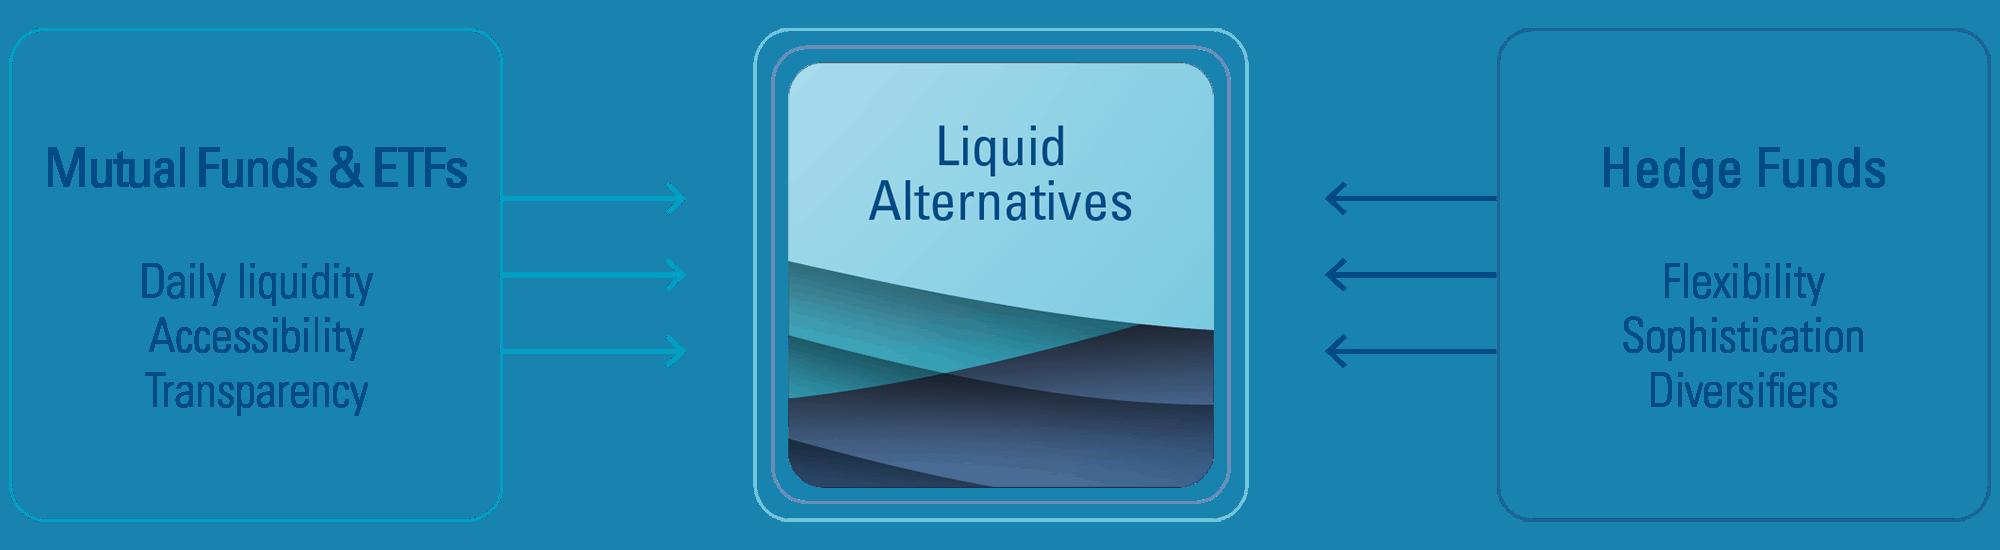 liquid alts diagram